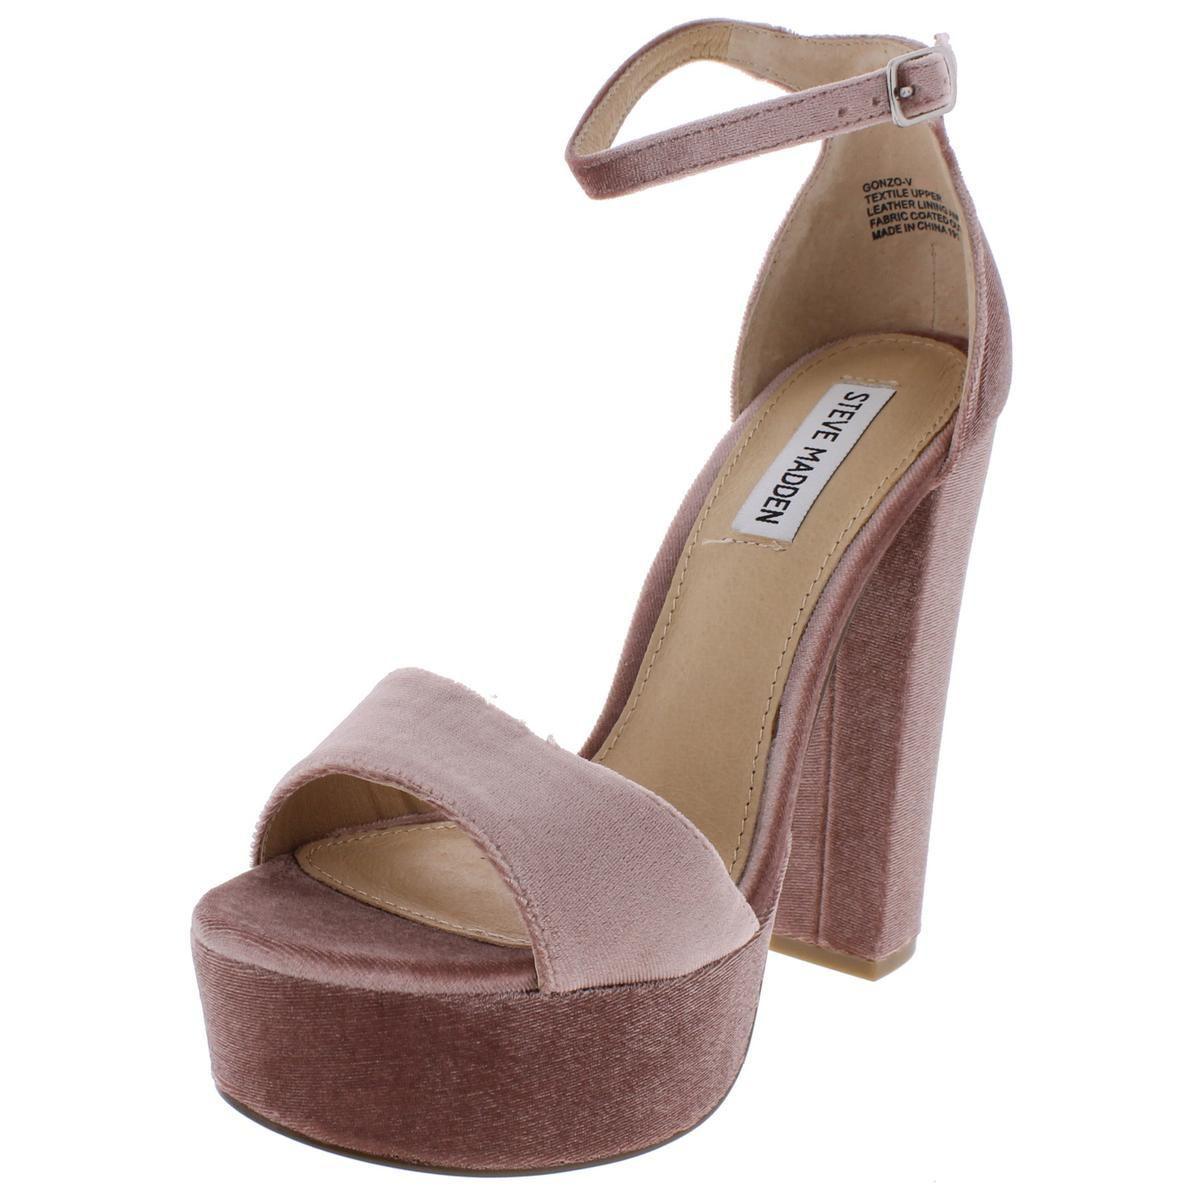 6f6f7022545f Steve Madden - Multicolor Womens Gonzo-v Velvet Platform Dress Sandals -  Lyst. View fullscreen